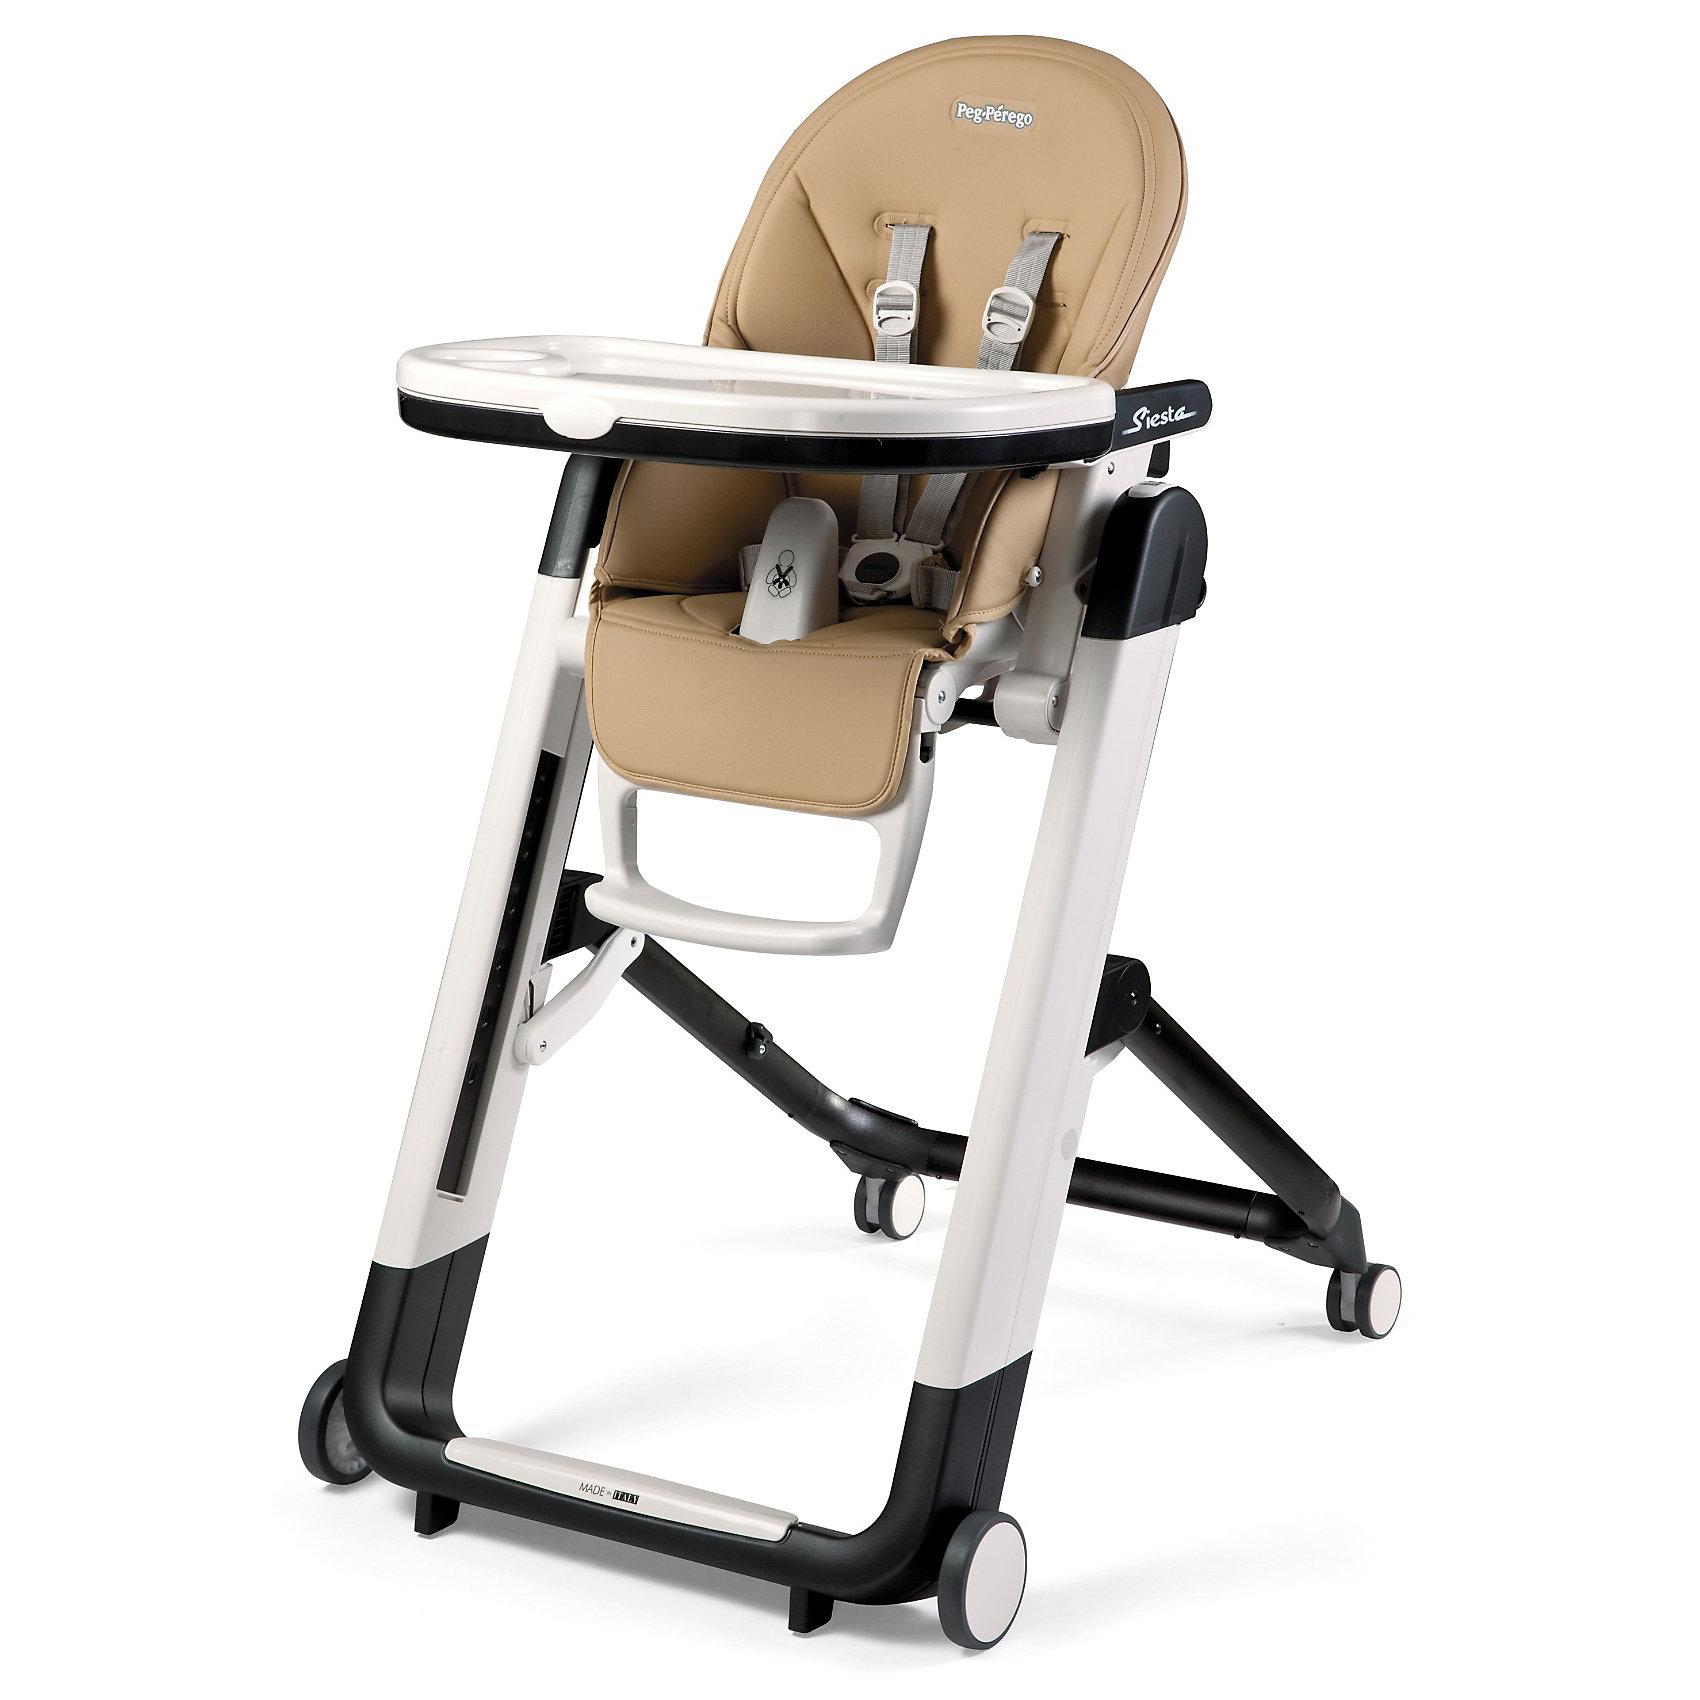 Стульчик для кормления Siesta, Peg-Perego, Noce бежевыйСтульчики для кормления<br>Удобный и функциональный стульчик Siesta, Peg-Perego, обеспечит комфорт и безопасность Вашего малыша во время кормления. Спинка сиденья легко регулируется в 5 положениях (вплоть до горизонтального), что позволяет использовать стульчик как для кормления так и для игр и<br>сна. Широкое и эргономичное мягкое сиденье будет удобно как малышу, так и ребенку постарше. Стульчик оснащен регулируемыми 5-точечными ремнями безопасности, а планка-разделитель для ножек под столиком не даст малышу соскользнуть. Высота стула регулируется в 9<br>положениях (от 33 до 65 см. от пола). Подножка регулируется в 3 позициях, позволяя выбрать оптимальное для ребенка положение. На задней части спинки размещается сетка для мелочей.<br><br>Широкий съемный столик оснащен подносом с отделениями для кружки или стакана, поднос можно снять для быстрой чистки и использовать основную поверхность для игр и занятий. Для детей постарше стул можно использовать без столика для кормления, придвинув его к столу<br>для взрослых. Ножки оснащены колесиками с блокираторами, что позволяет легко перемещать стульчик по комнате. Кожаный чехол легко снимается для чистки. Стульчик легко и компактно складывается и занимает мало места при хранении. Подходит для детей в возрасте от 0<br>месяцев до 3 лет.<br><br>Дополнительная информация:<br><br>- Цвет: Noce бежевый.<br>- Материал: пластик, эко-кожа.<br>- Высота спинки сиденья: 44 см.<br>- Ширина сиденья: 27 см.<br>- Размер в разложенном состоянии: 60 х 75 х 104,5 см. <br>- Размер в сложенном состоянии: 60 х 35 х 89 cм. <br>- Вес: 7,6 кг.<br><br>Стульчик для кормления Siesta, Peg-Perego, Noce бежевый, можно купить в нашем интернет-магазине.<br><br>Ширина мм: 900<br>Глубина мм: 620<br>Высота мм: 280<br>Вес г: 13370<br>Цвет: бежевый<br>Возраст от месяцев: 0<br>Возраст до месяцев: 36<br>Пол: Унисекс<br>Возраст: Детский<br>SKU: 2396301